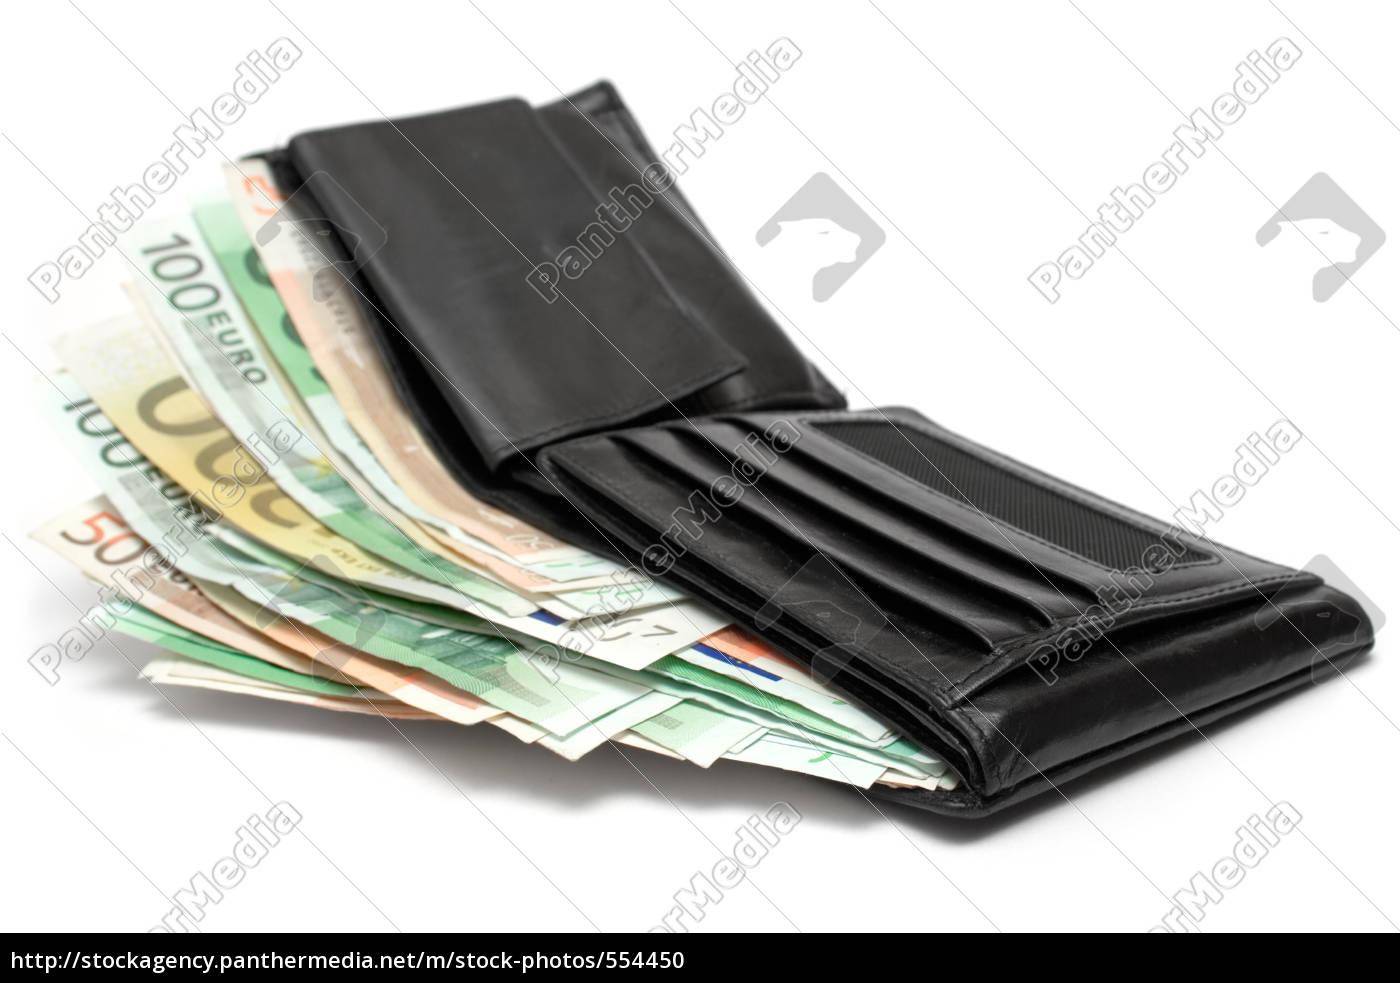 open, wallet - 554450